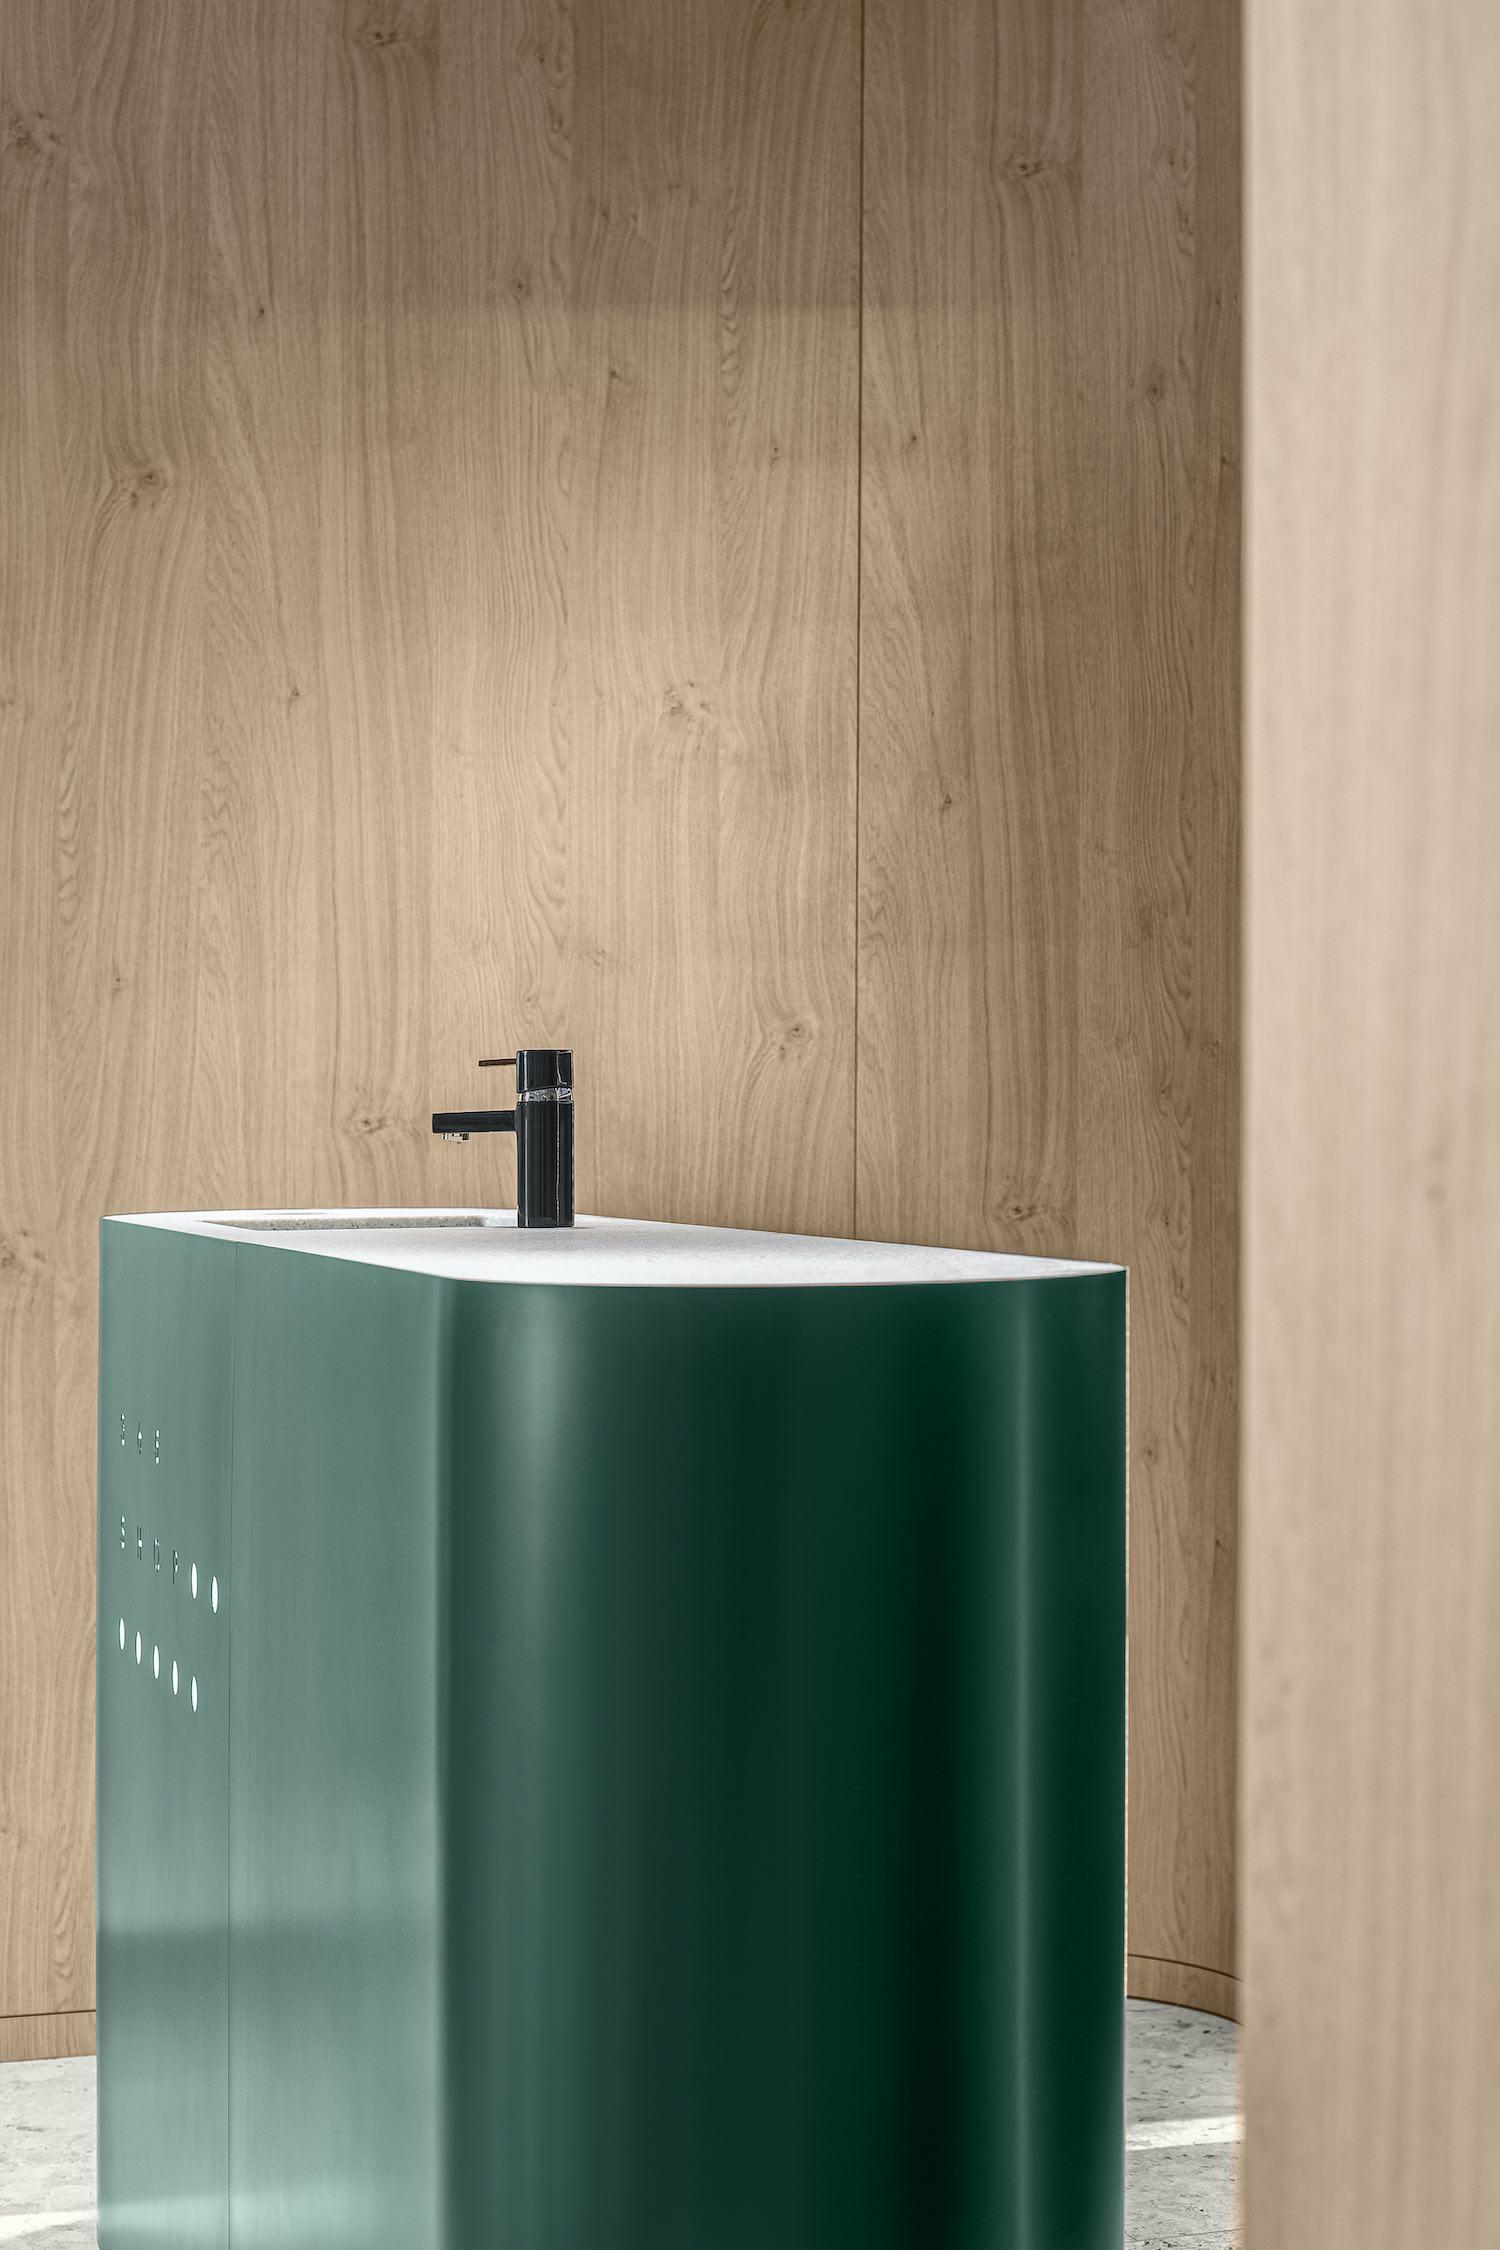 green washing basin